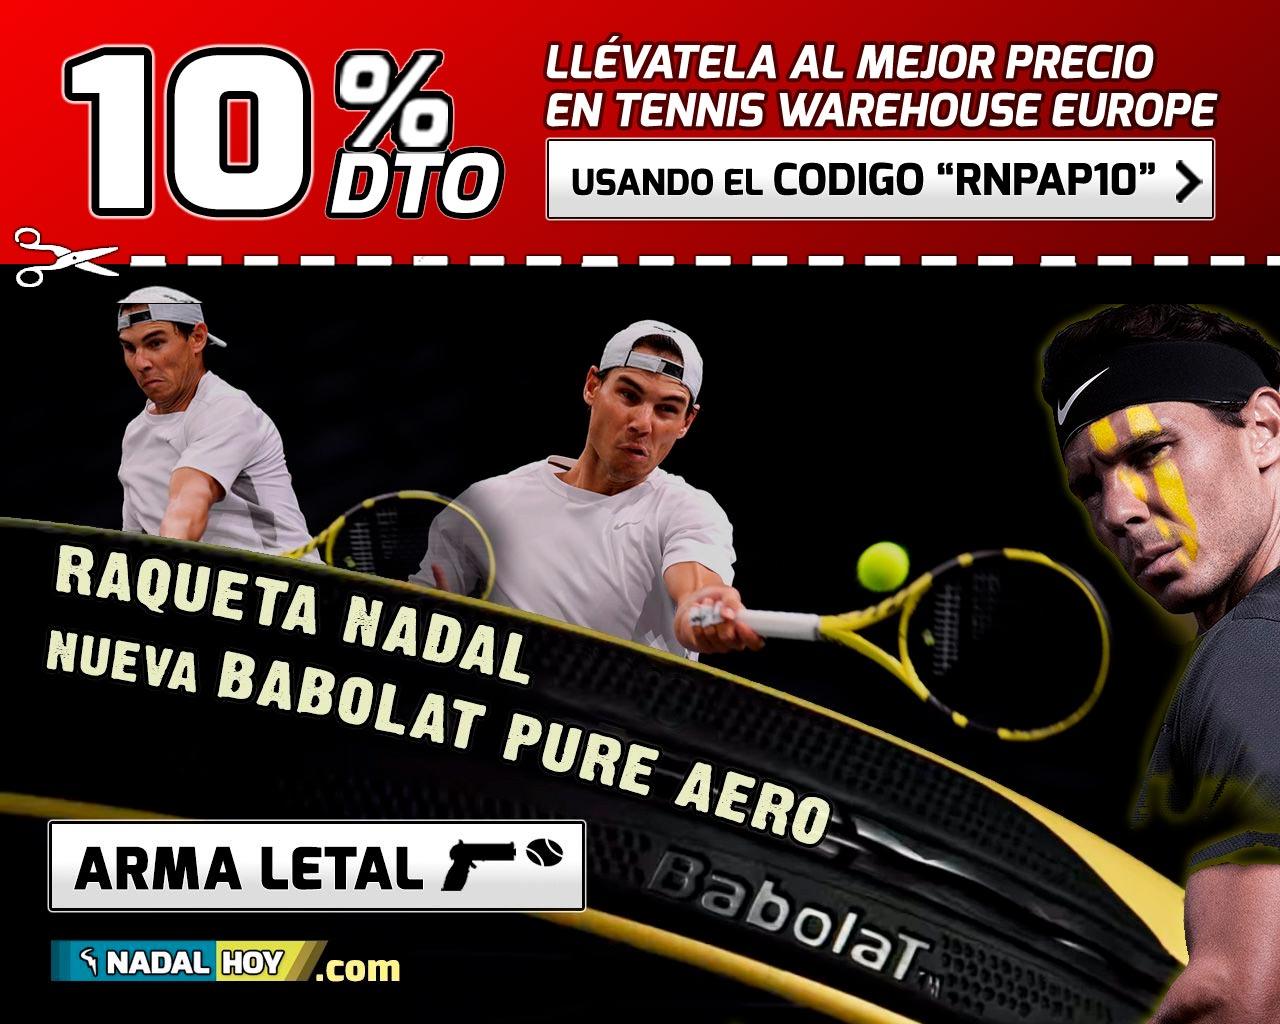 Babolat Pure Aero, nueva raqueta y arma letal de Rafa Nadal